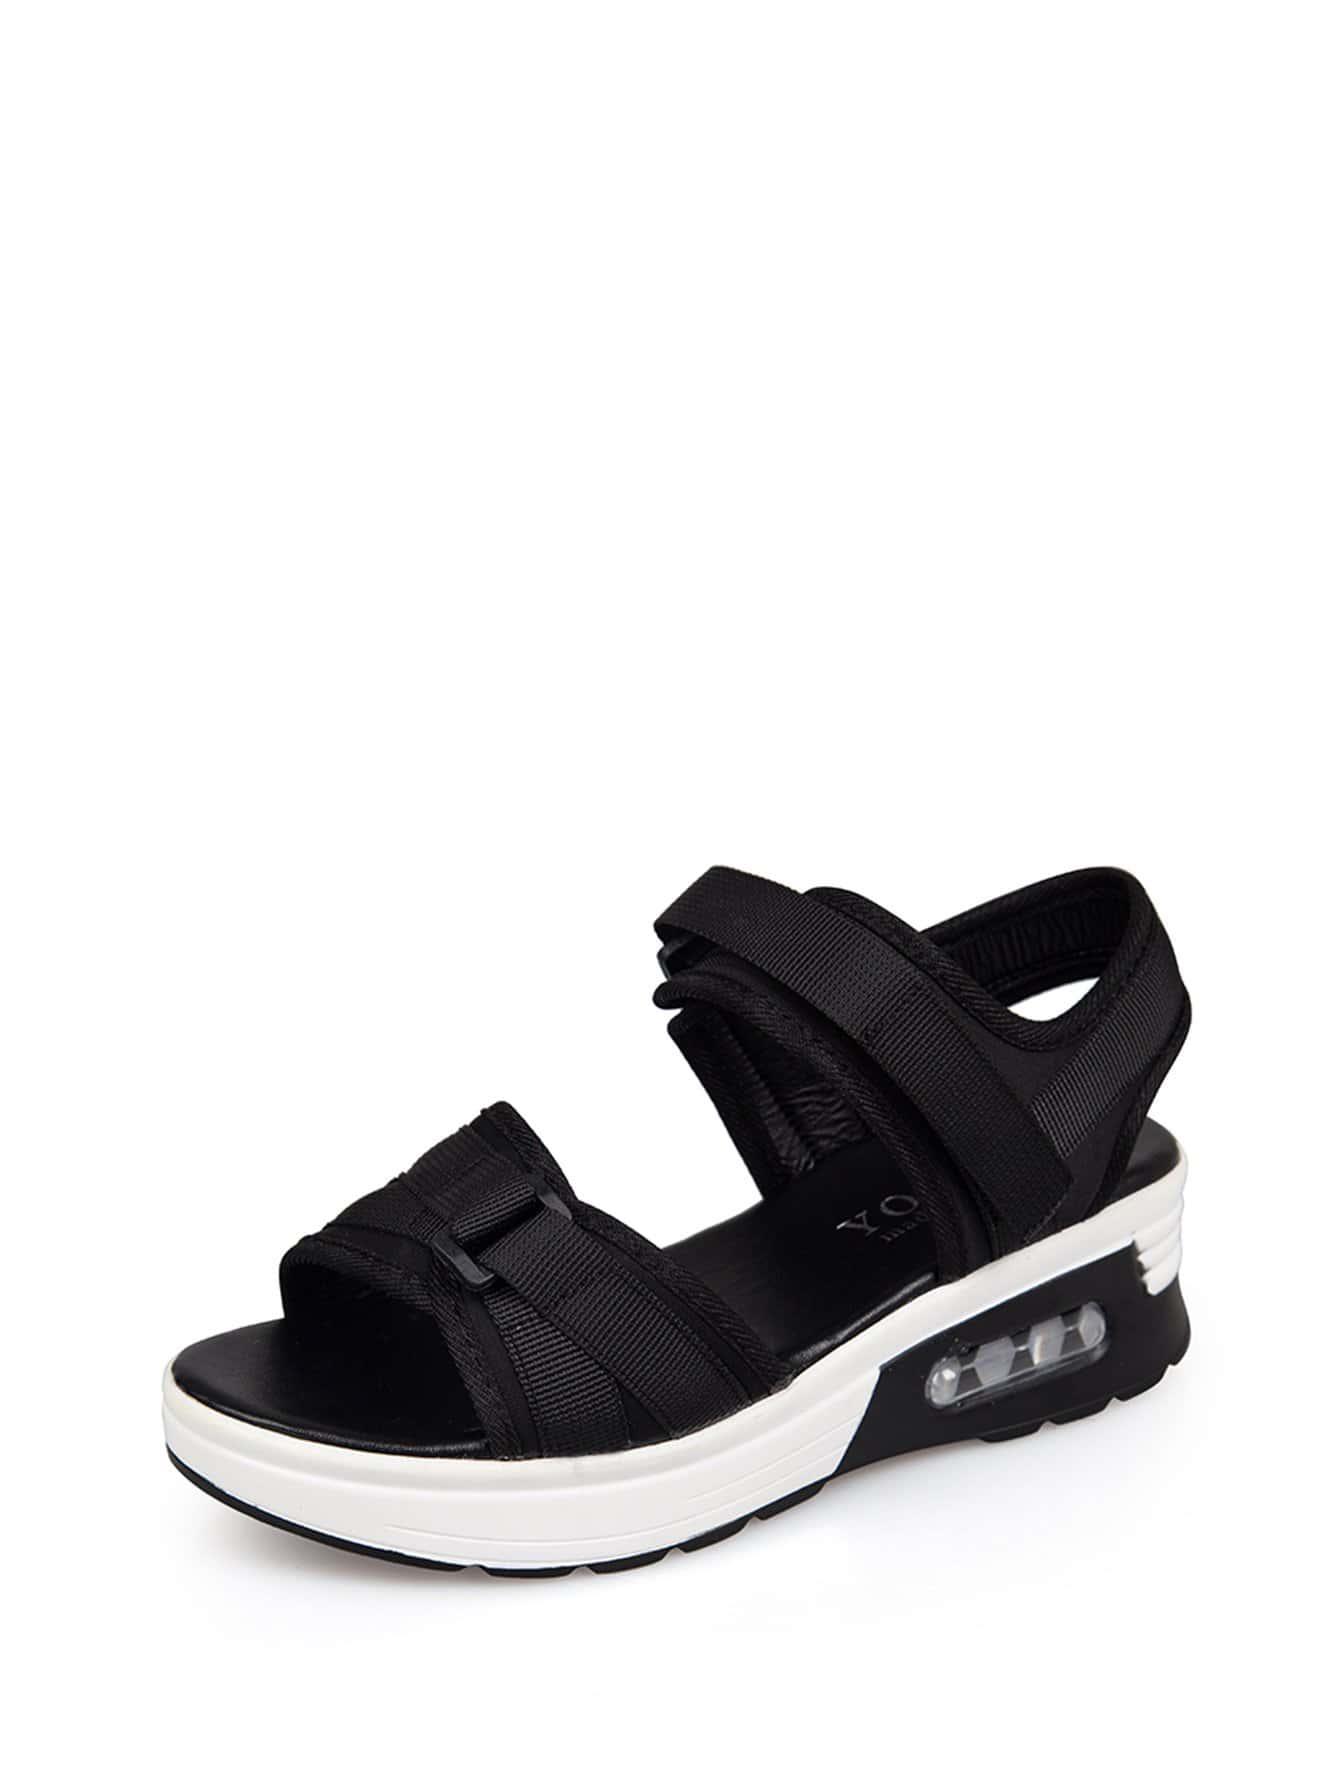 Peep Toe Flat Sandals black peep toe jewelled detail sandals